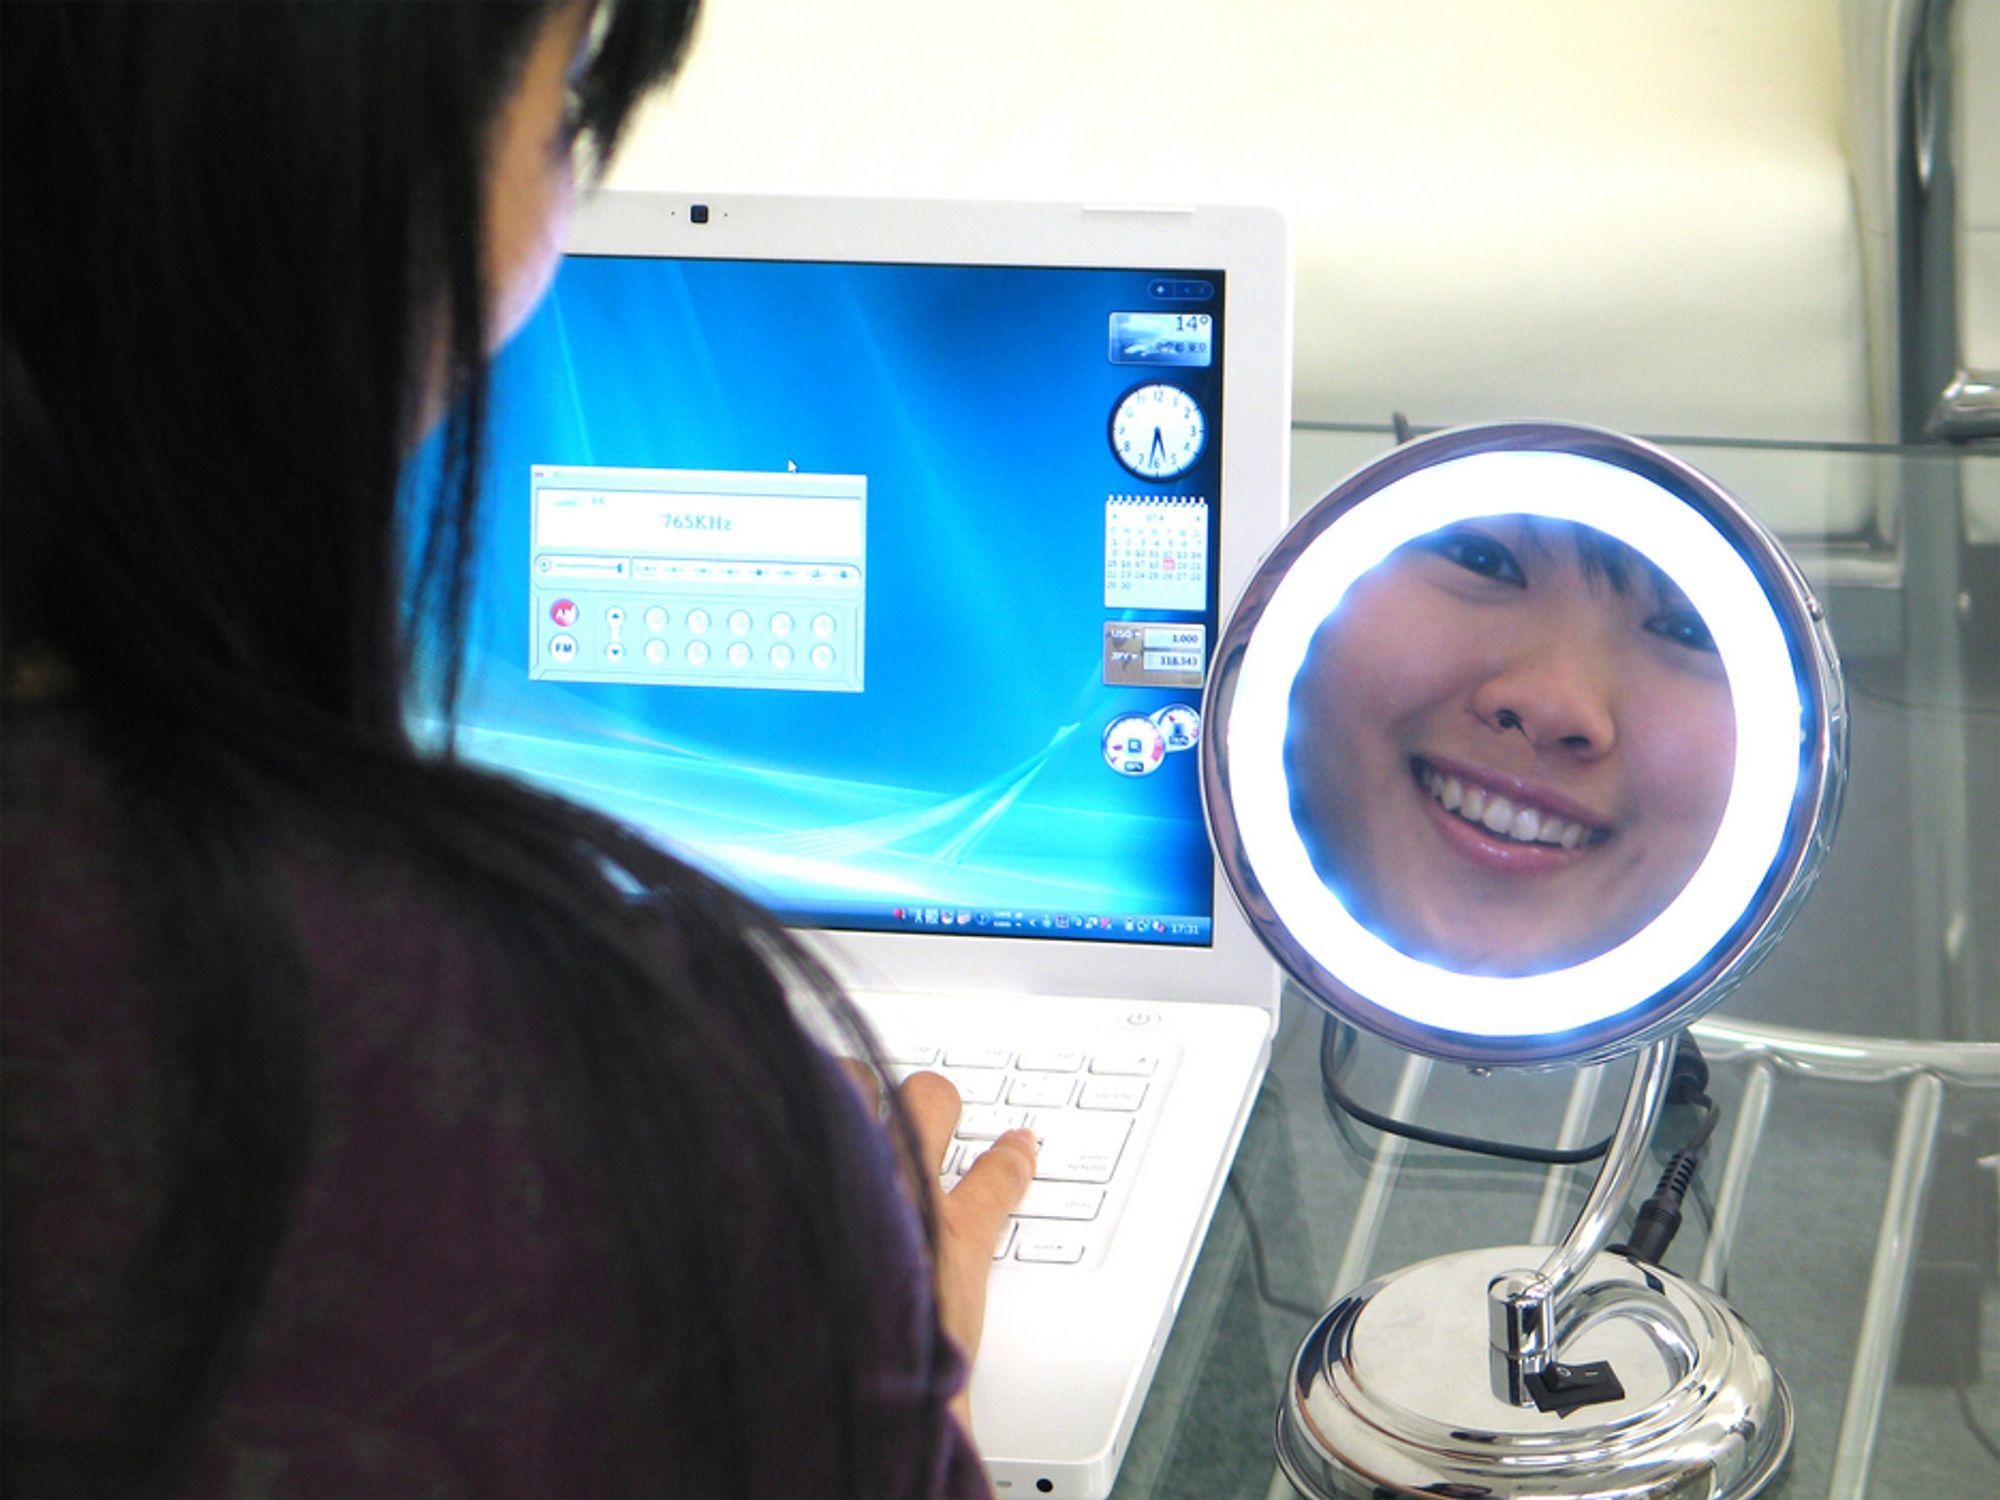 LILLE SPEIL HVEM ER VAKREST...: Se deg selv mens du snakker med noen i web-kameraet.